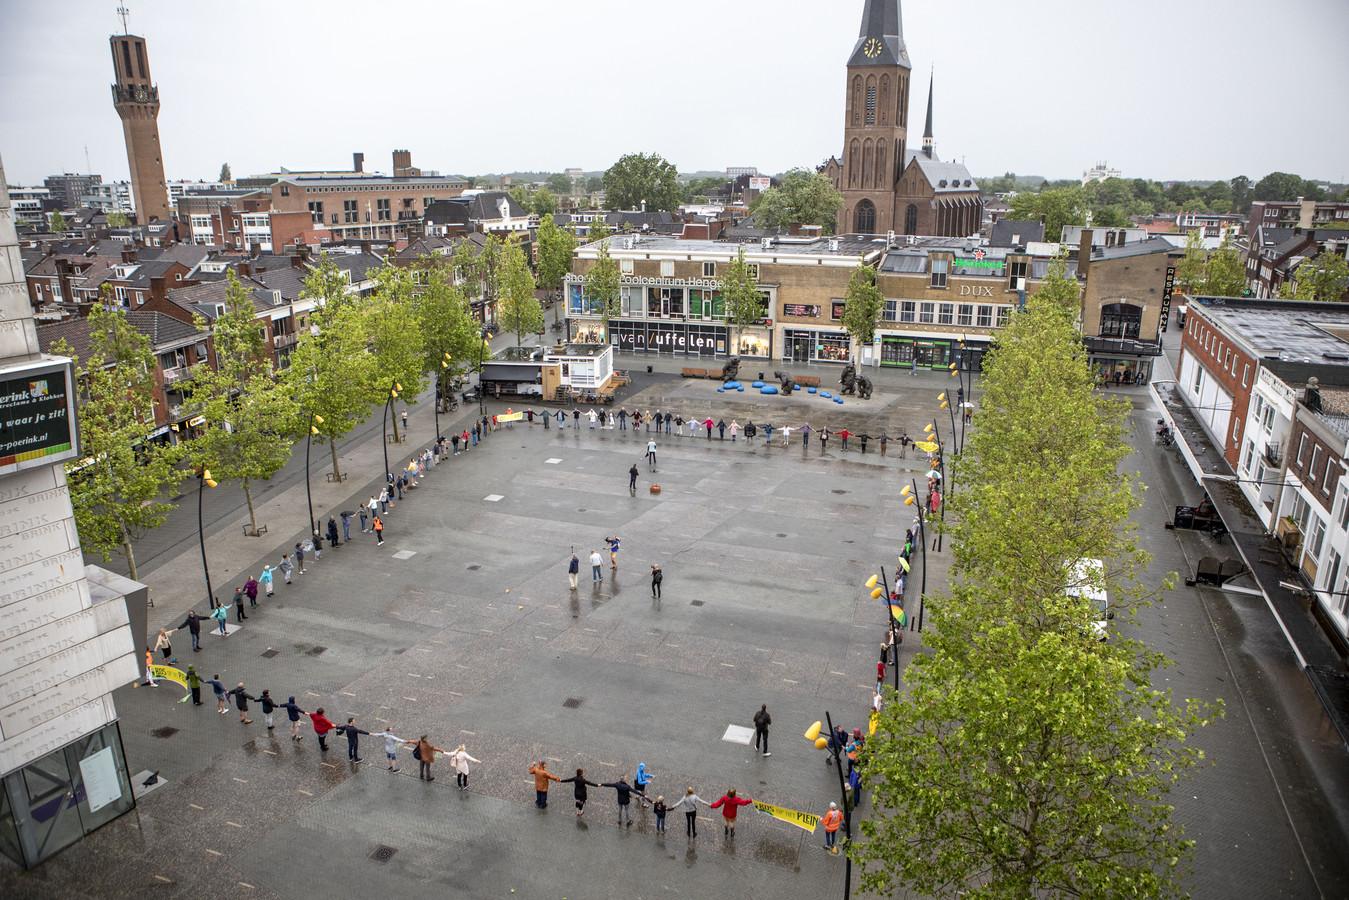 Archieffoto: mensen maken een keten op het marktplein om te symboliseren hoe groot het nieuwe gebouw De Hijschkamer zou worden.